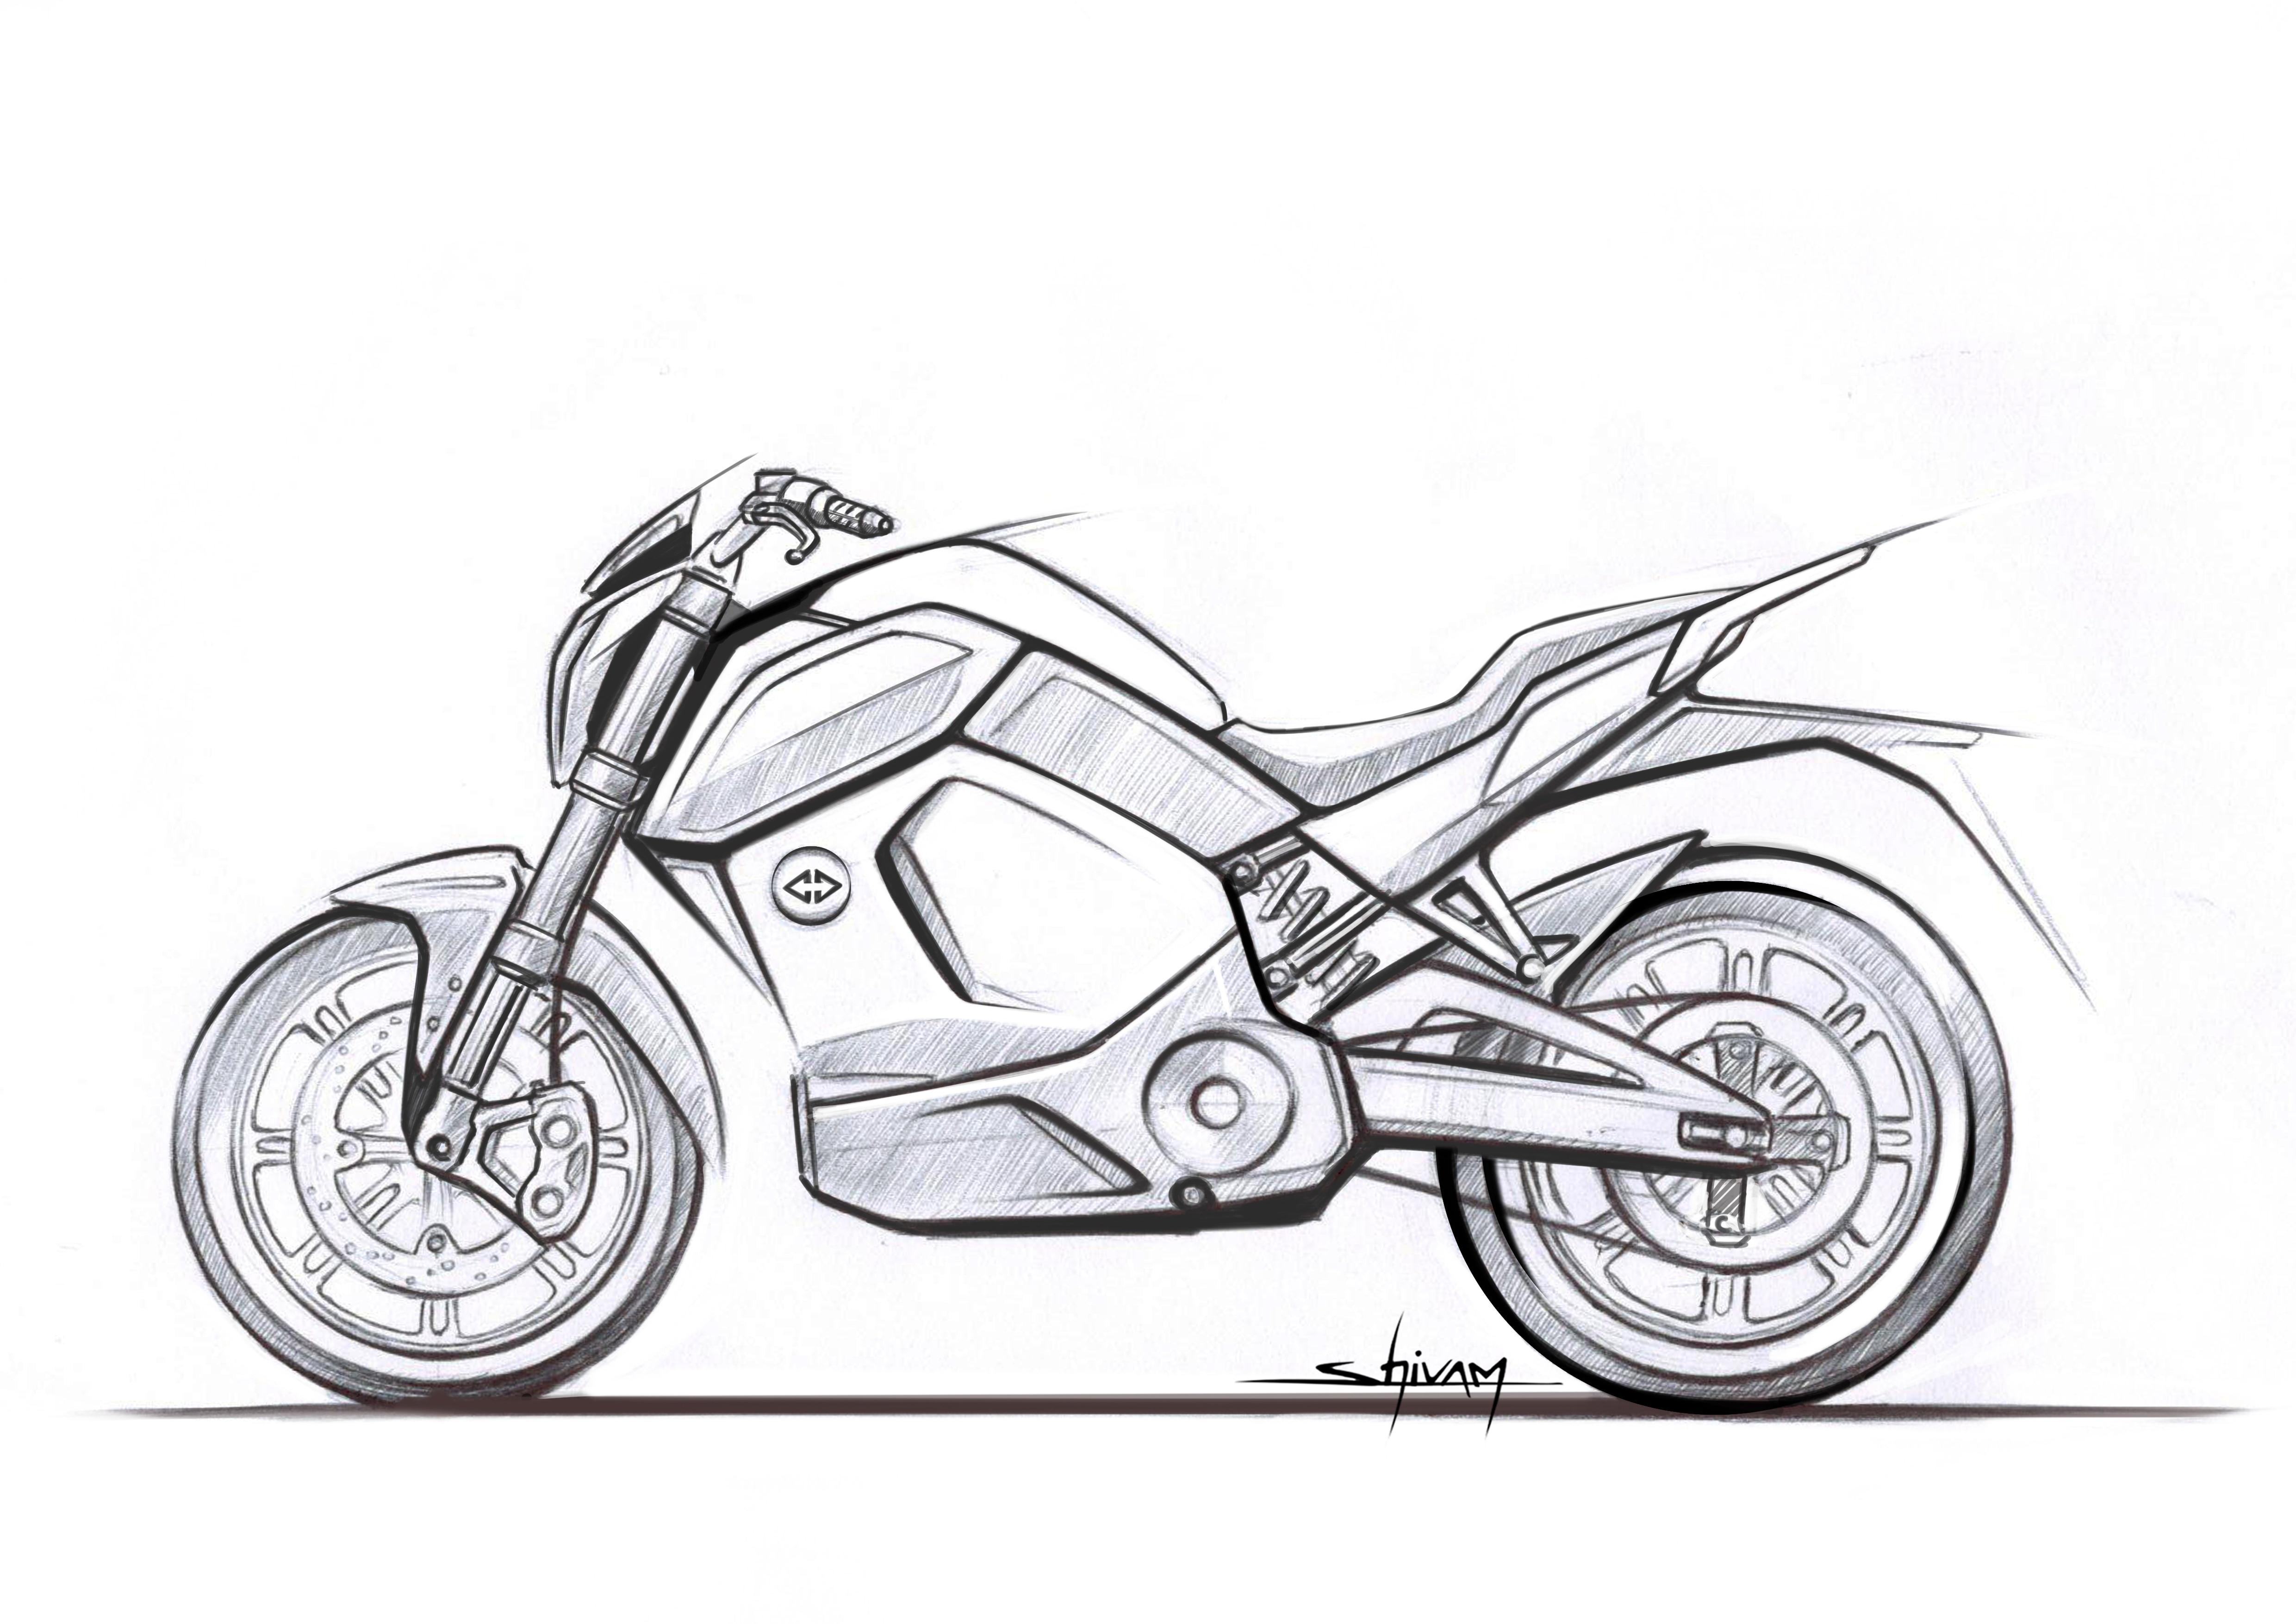 Revolt electric motorcycle Arai test